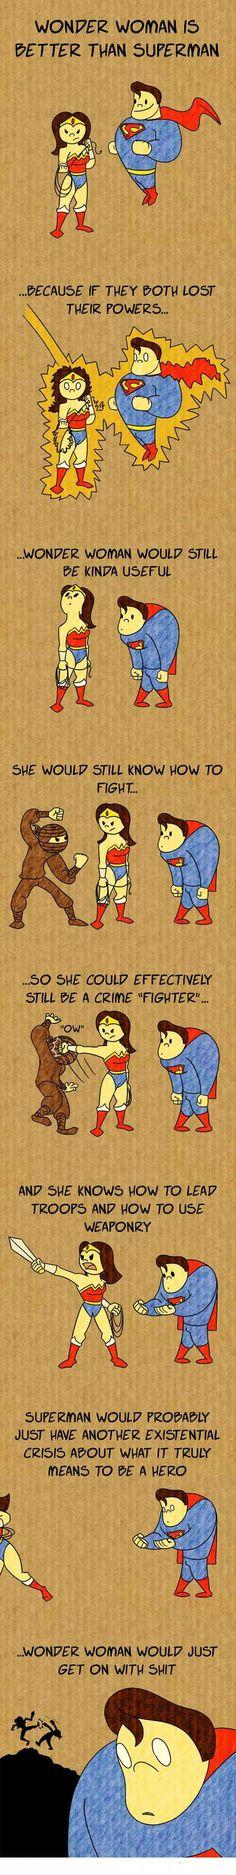 Pauvre Superman.